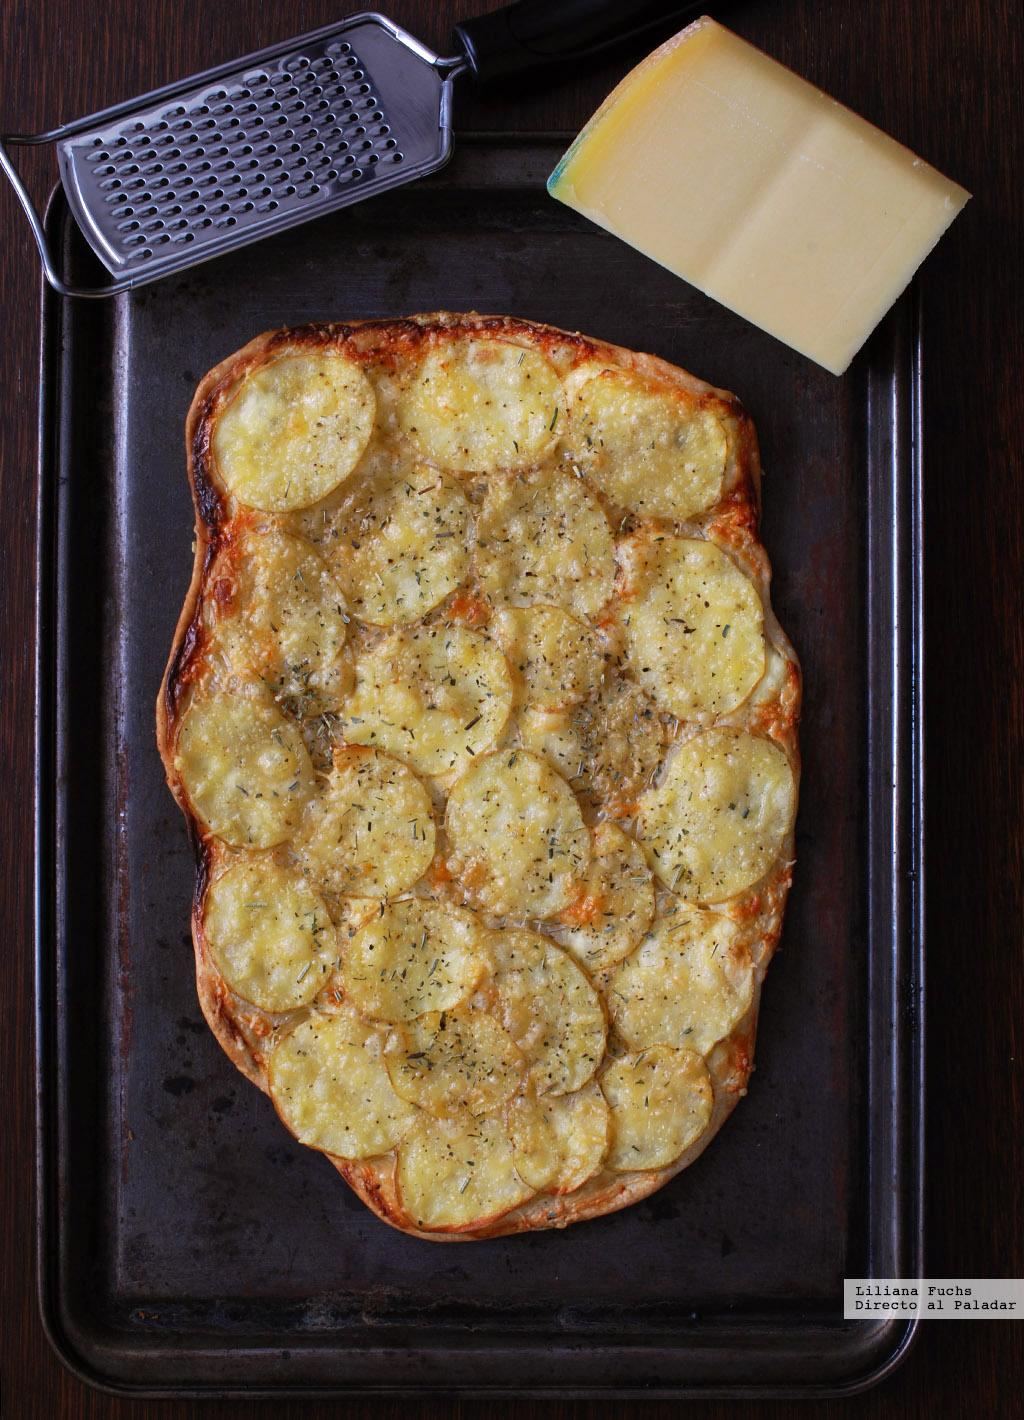 Flatbread o pan plano crujiente de patata gruy re y crema for Cocina facil para invitados